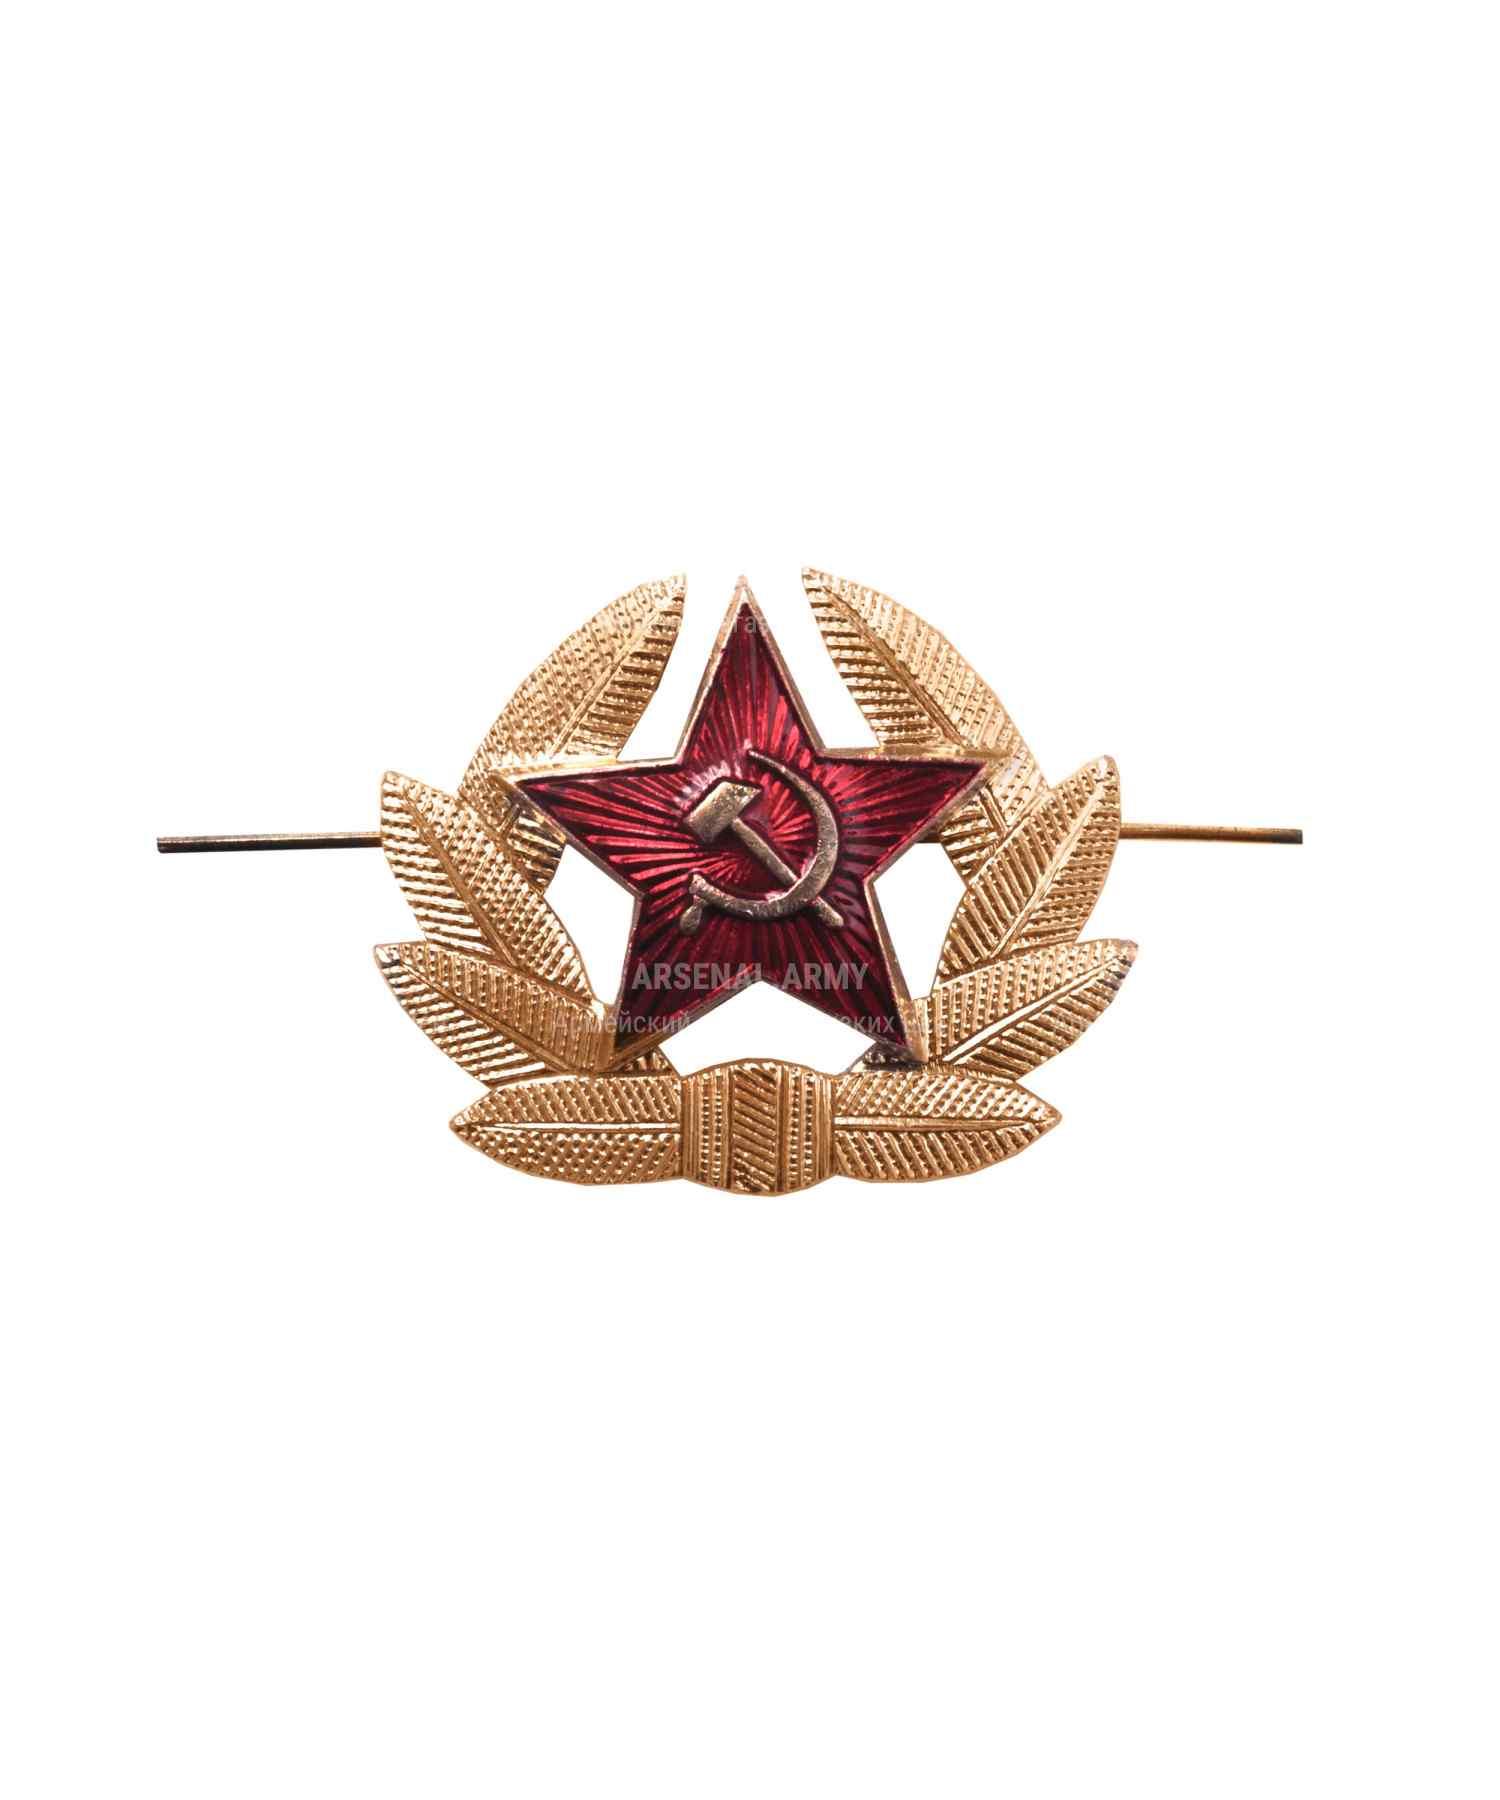 Кокарда Советской Армии рядового состава